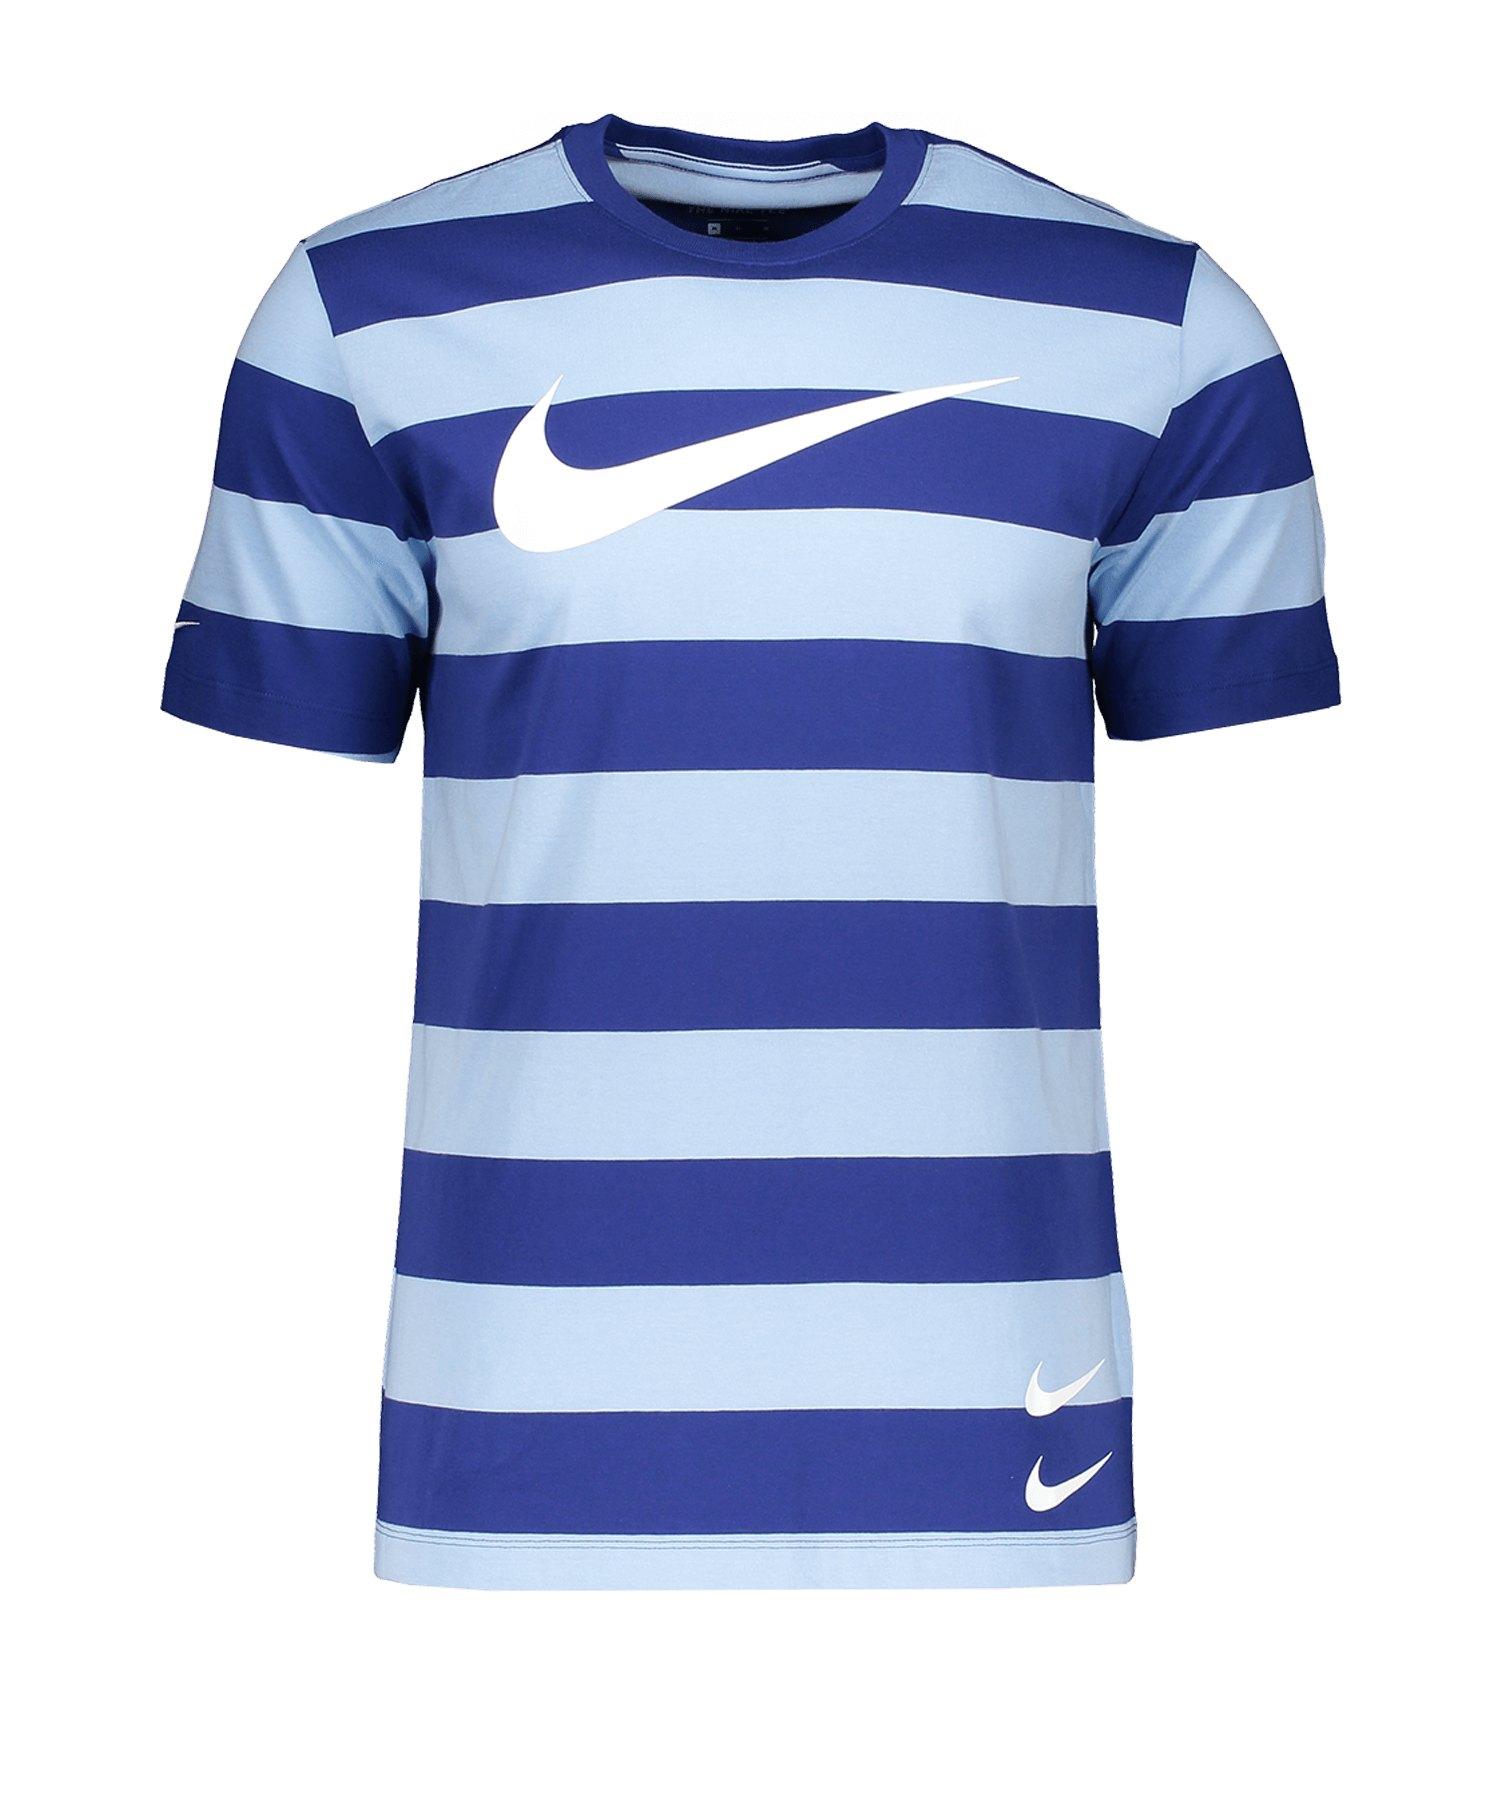 Nike Swoosh Stripe Tee T-Shirt Blau F436 - blau